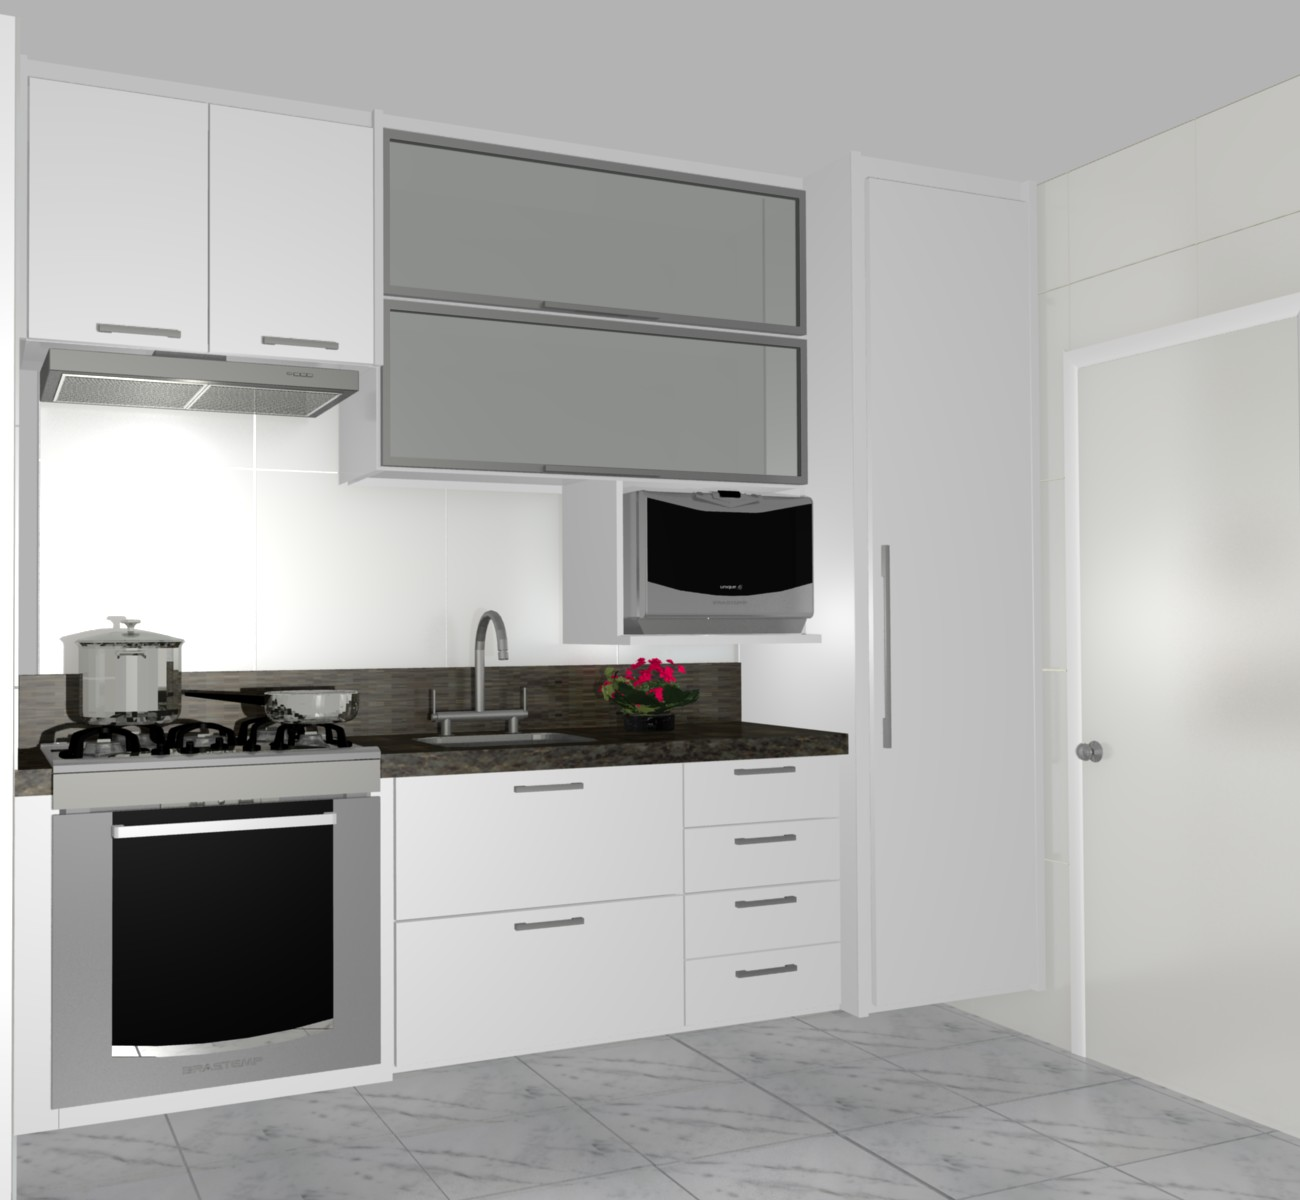 #693840  PROJETOS (11) 3976 8616: cozinha planejadas pequenas decorada 1300x1200 px Projeto De Cozinha Com Sala Pequena #2847 imagens